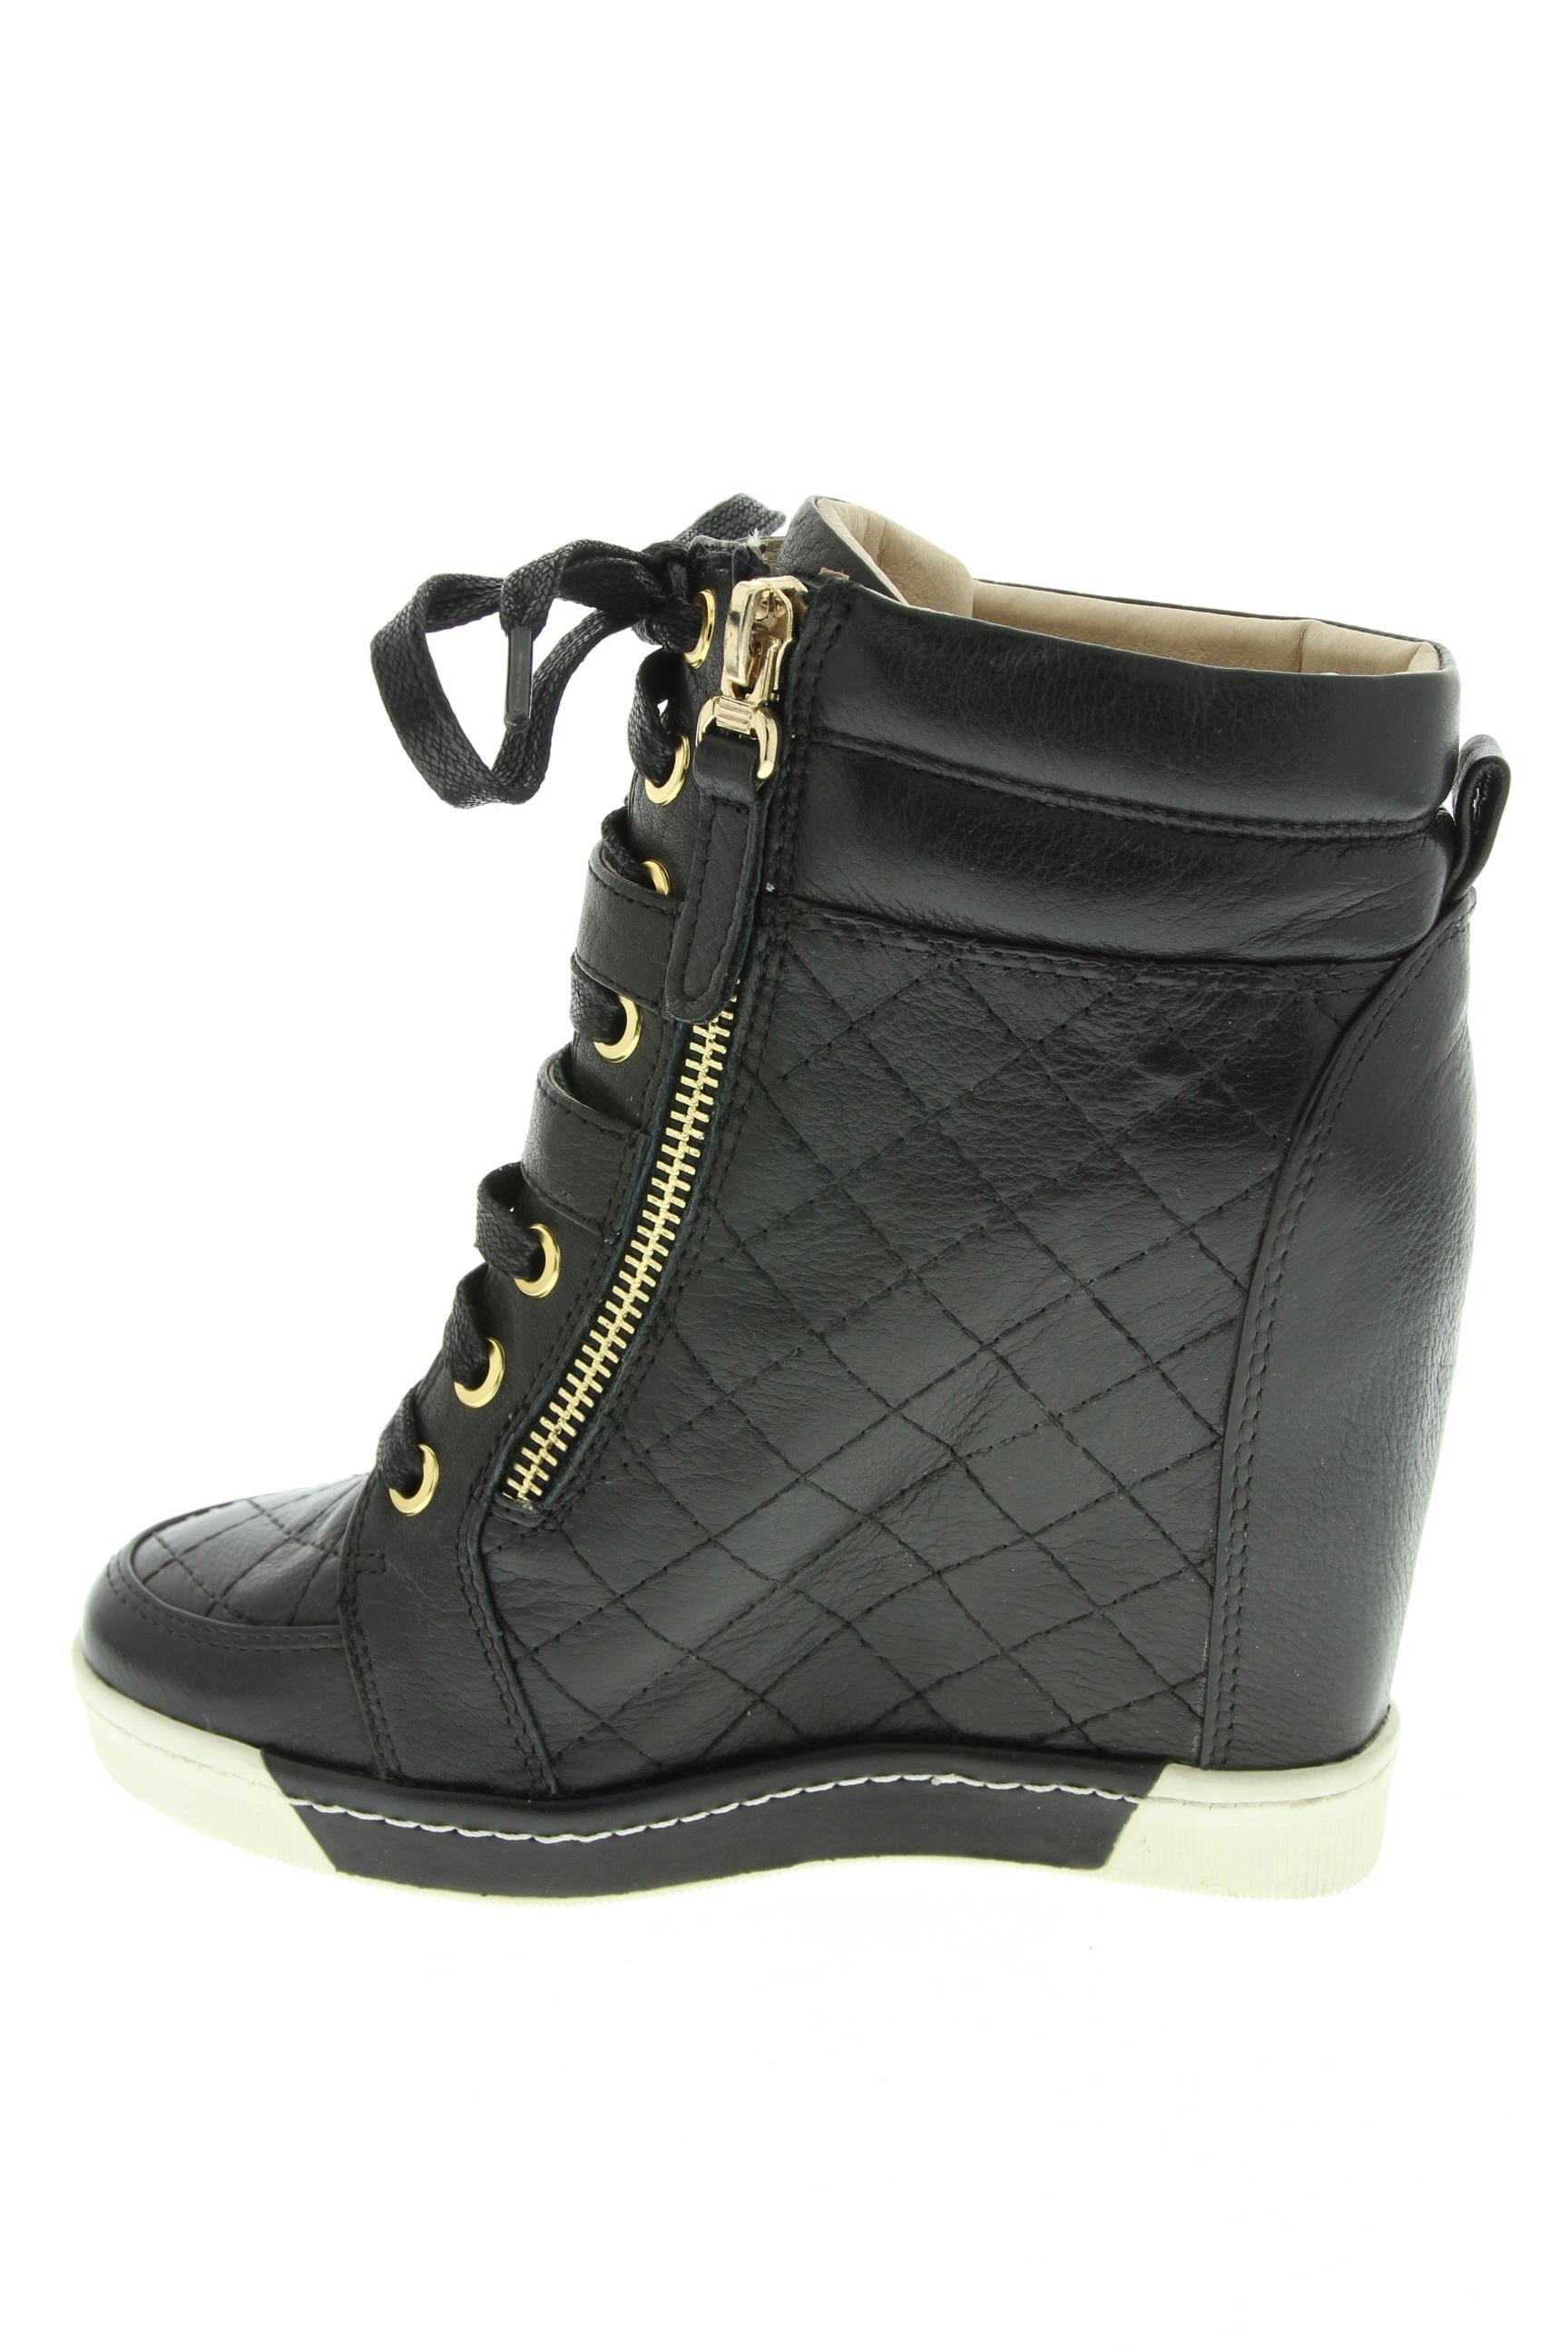 Starfly Baskets Femme De Couleur Noir En Soldes Pas Cher 1308487-noir00